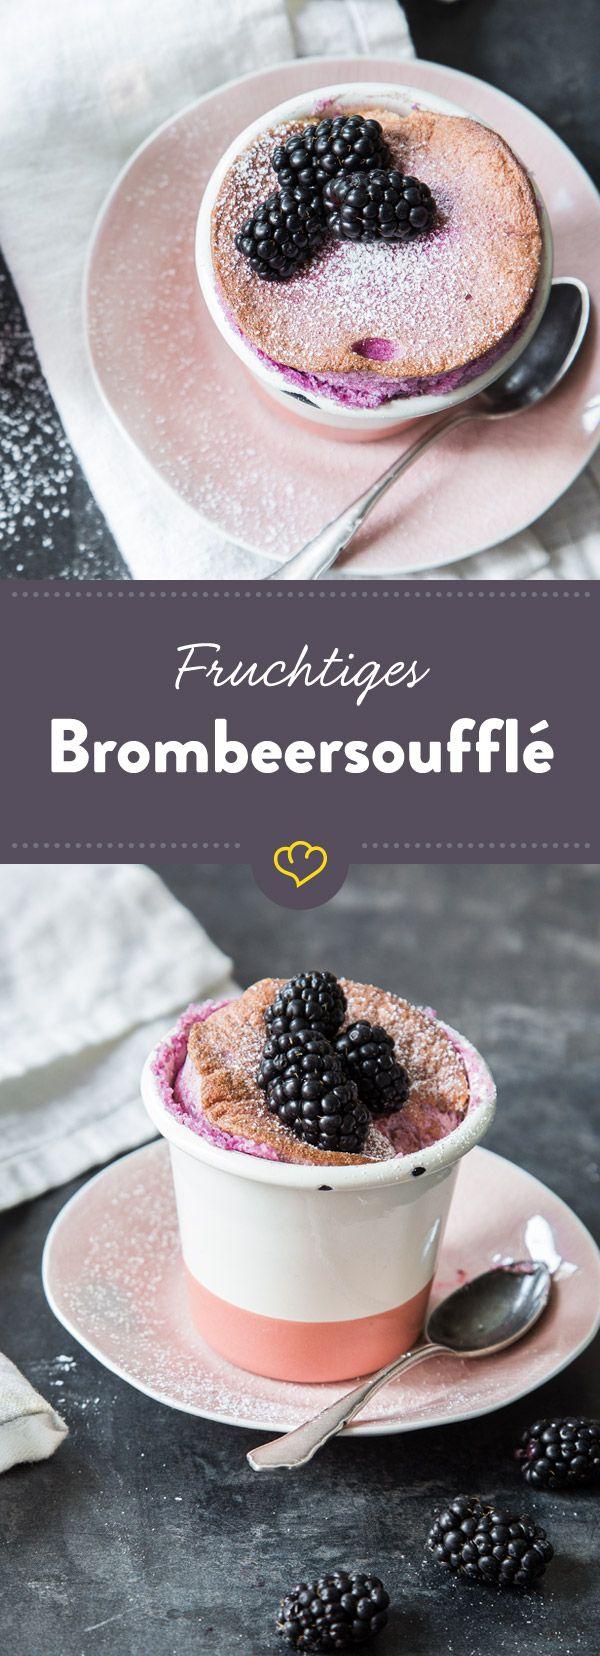 Einfach, schnell und erstaunlich unkompliziert: Dieses luftig-fruchtige Brombeersoufflé hast du im Handumdrehen serviert!